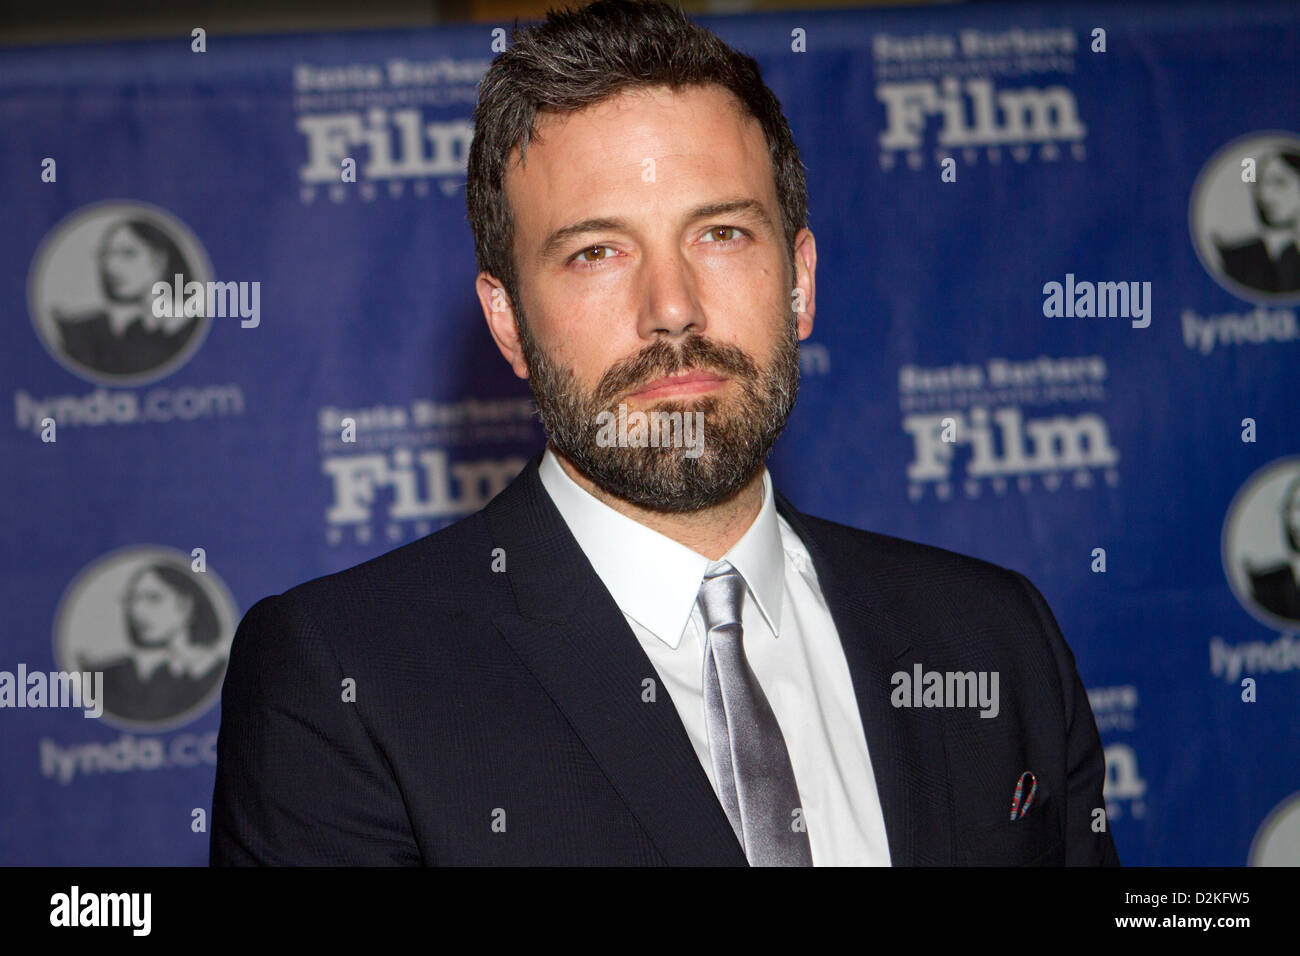 L'acteur et réalisateur Ben Affleck apparaît à la 28e Festival International du Film de Santa Photo Stock